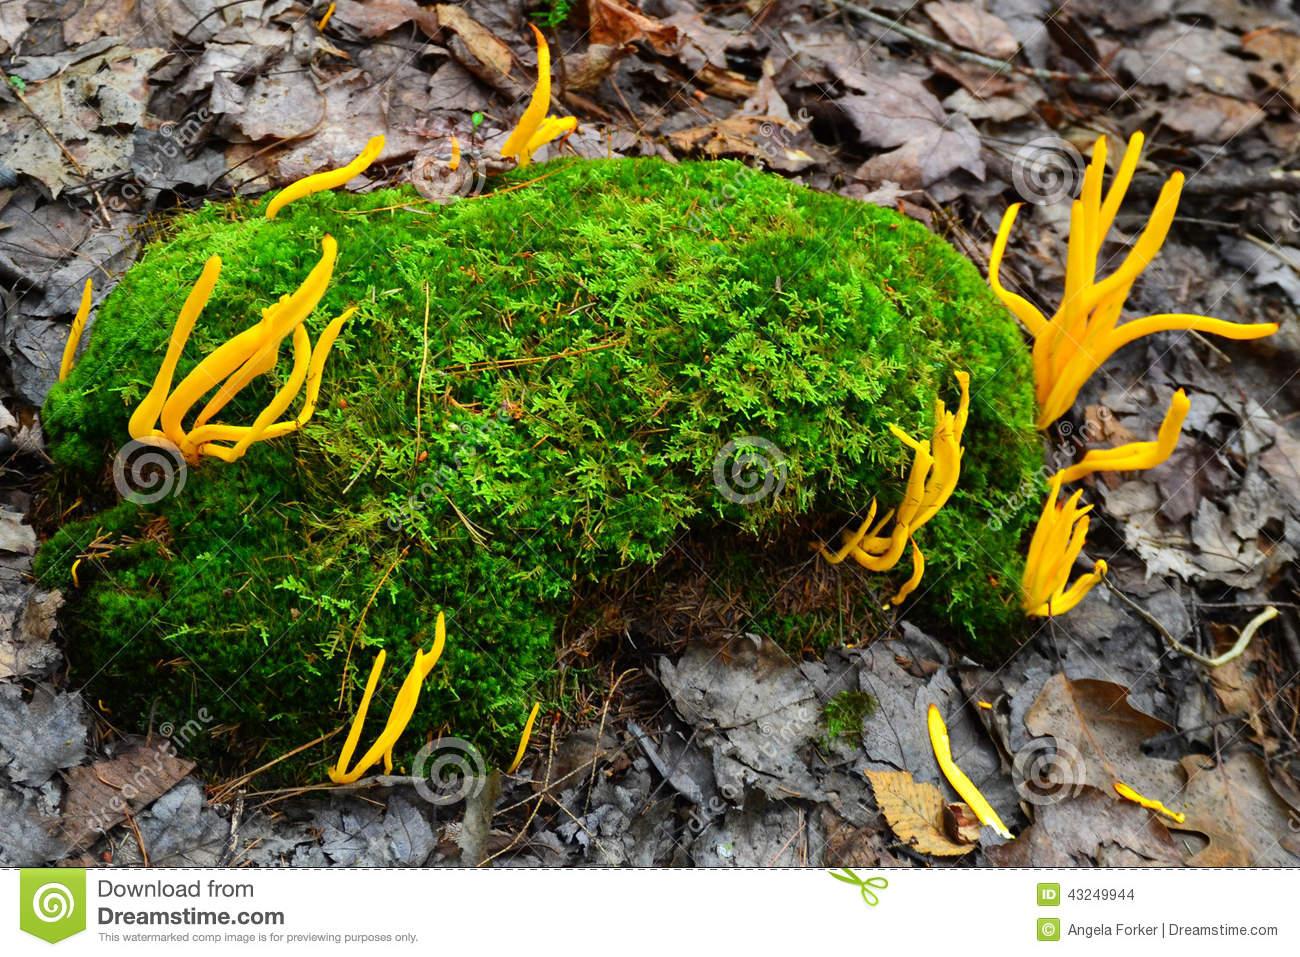 Orange Spindle Coral Fungi (Ramariopsis Laeticolor) Stock Photo.